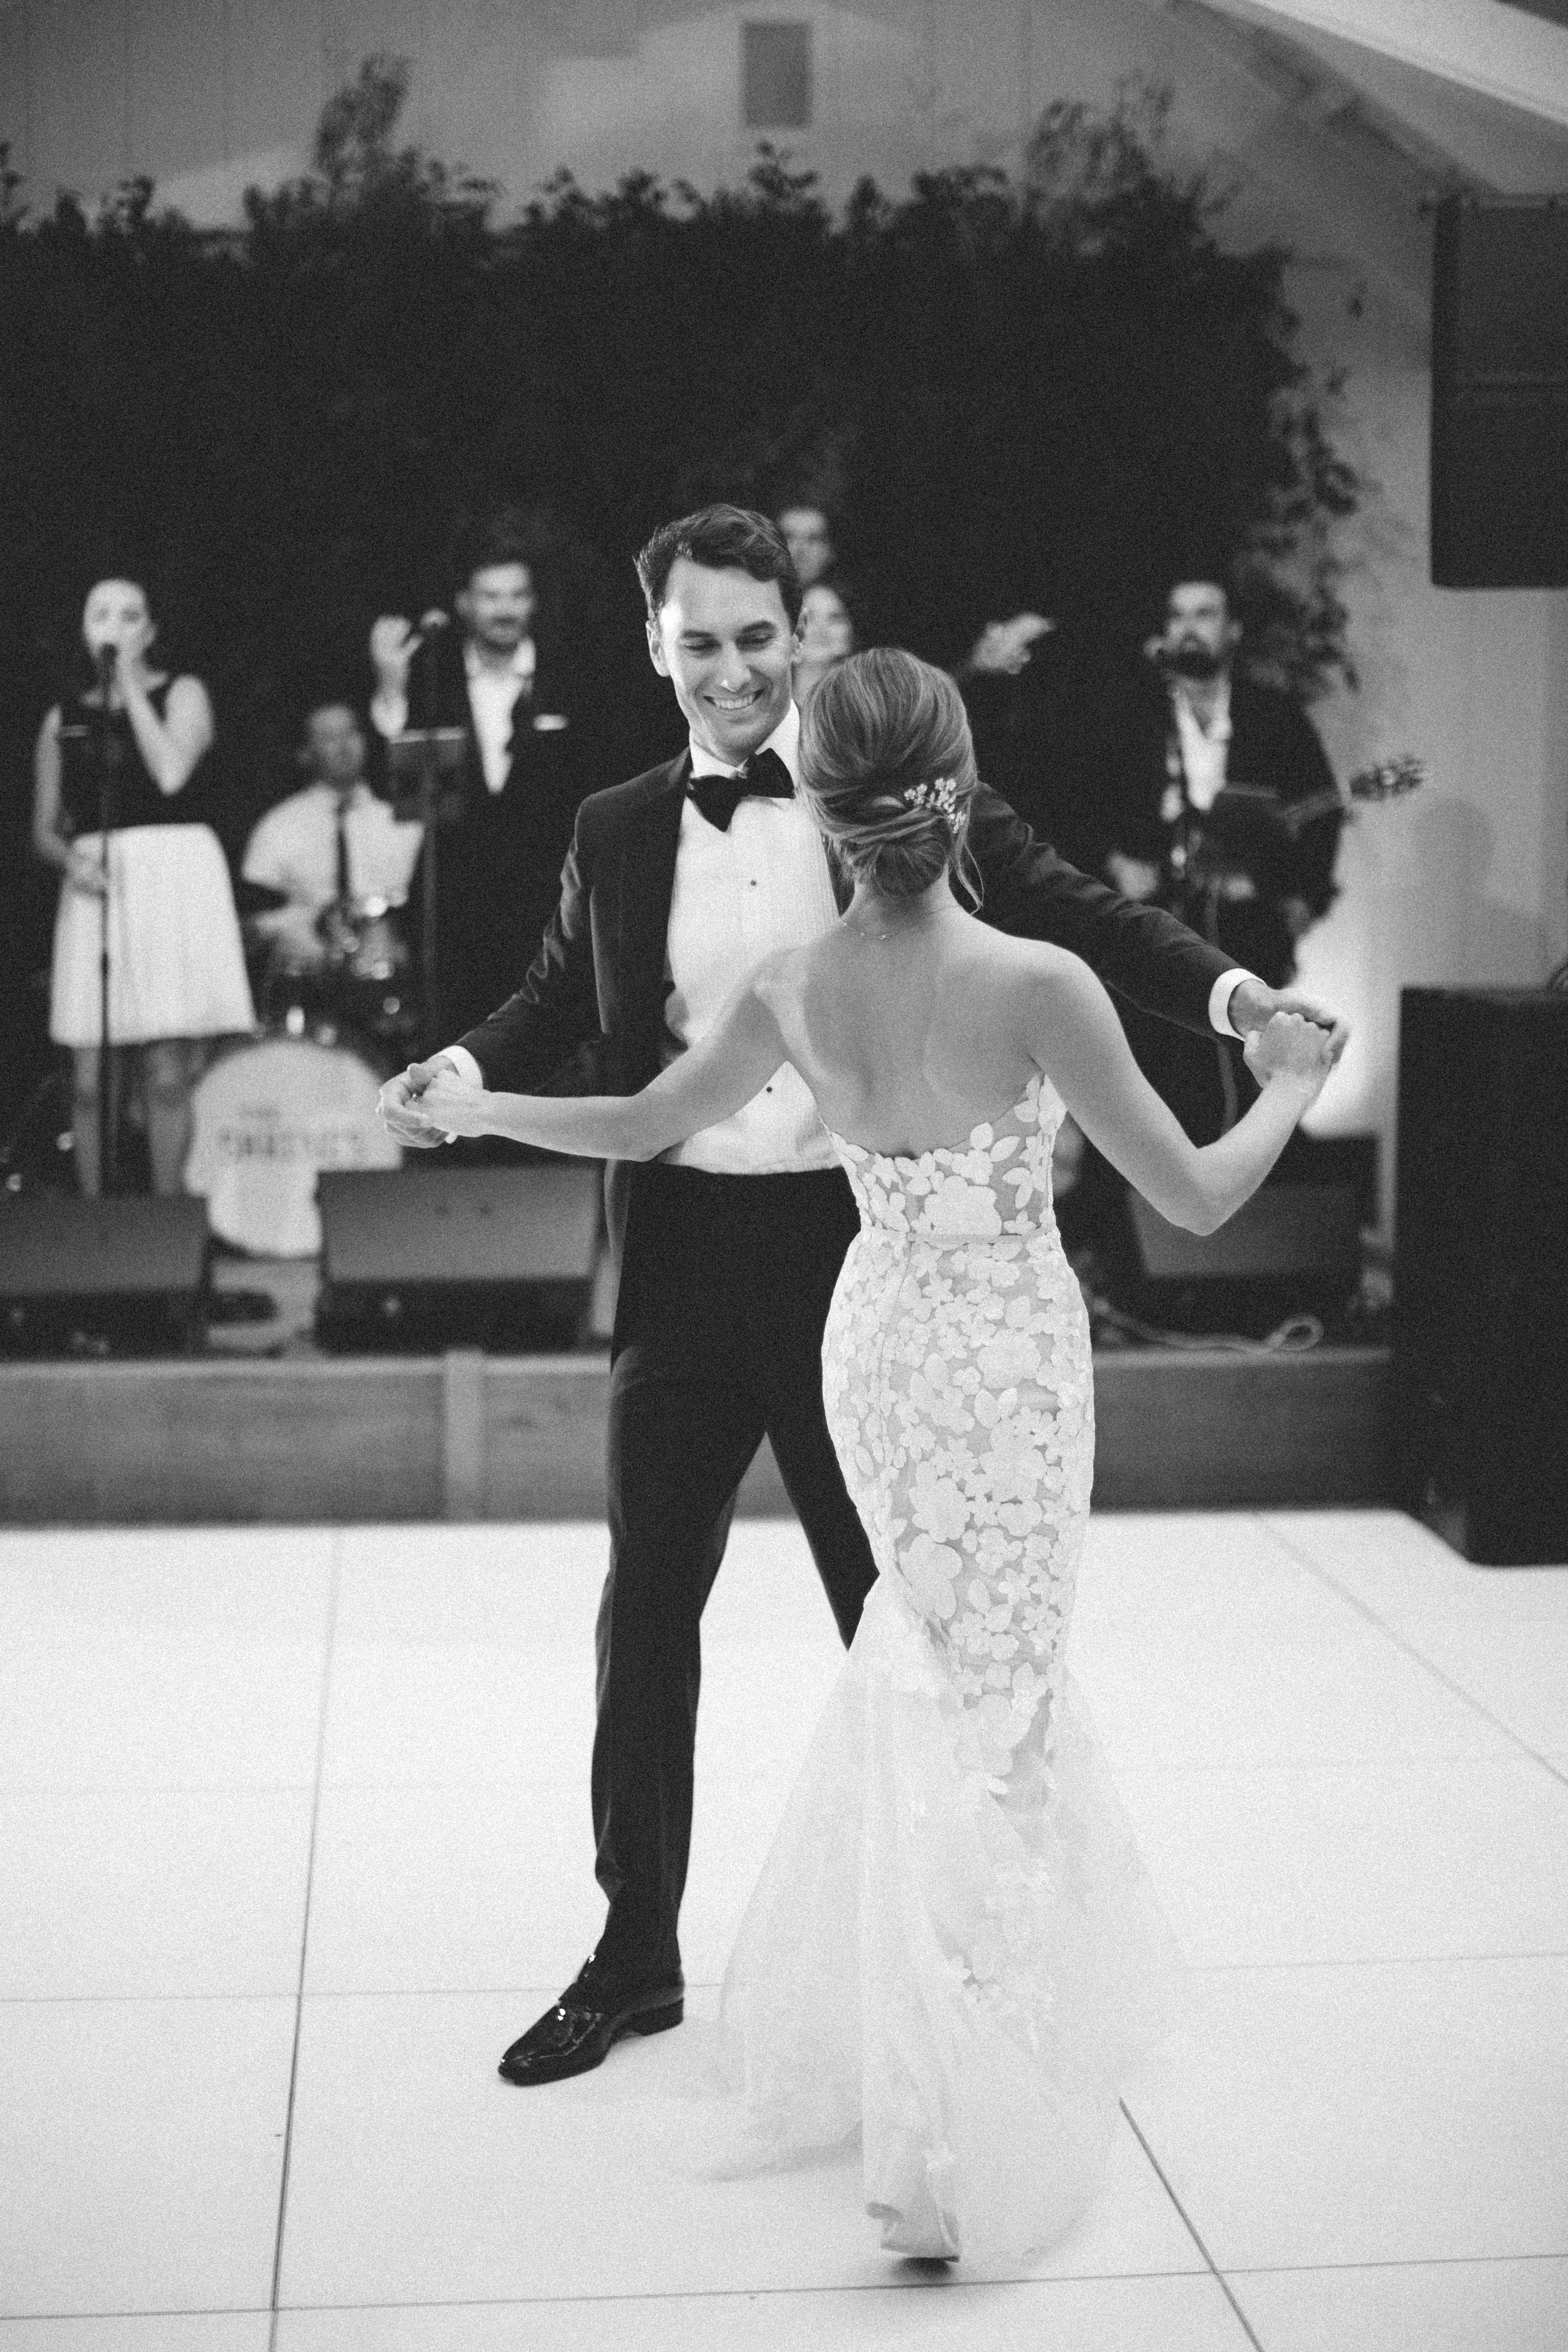 caitlin michael wedding first dance